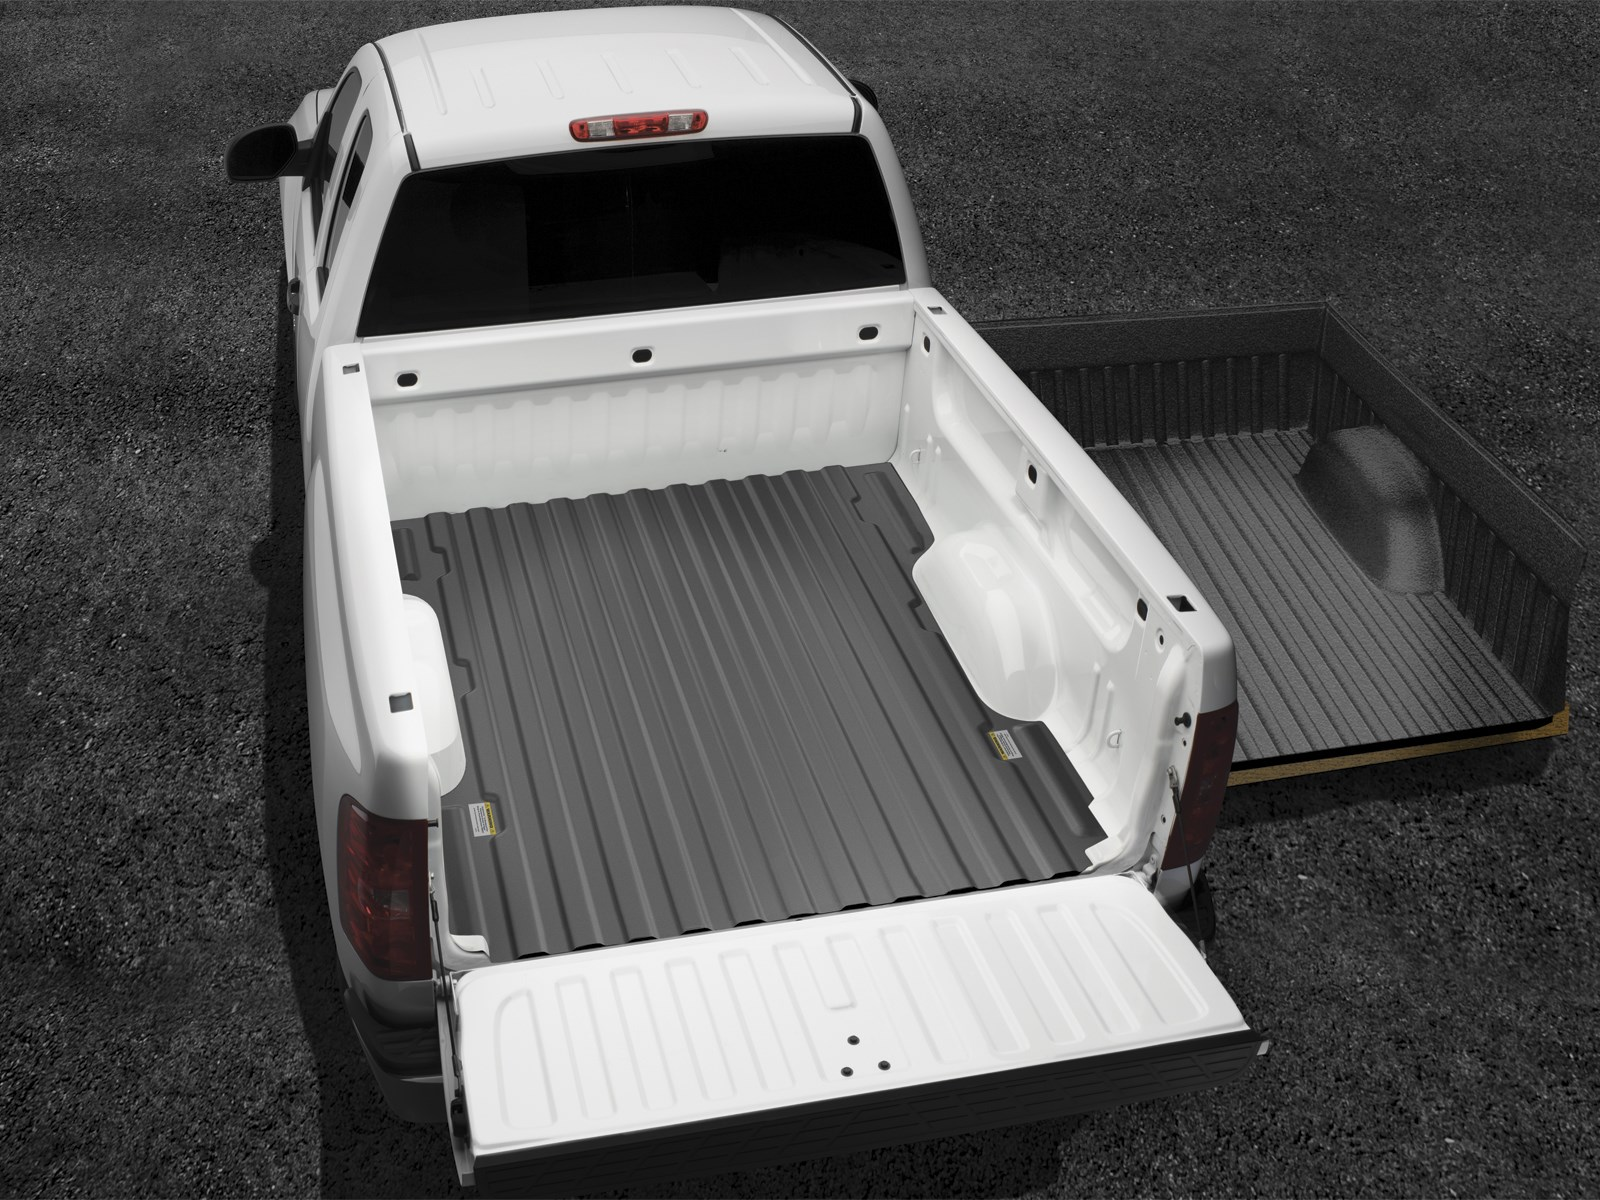 hight resolution of 2015 chevrolet silverado 1500 underliner bed liner for truck drop in bedliners weathertech